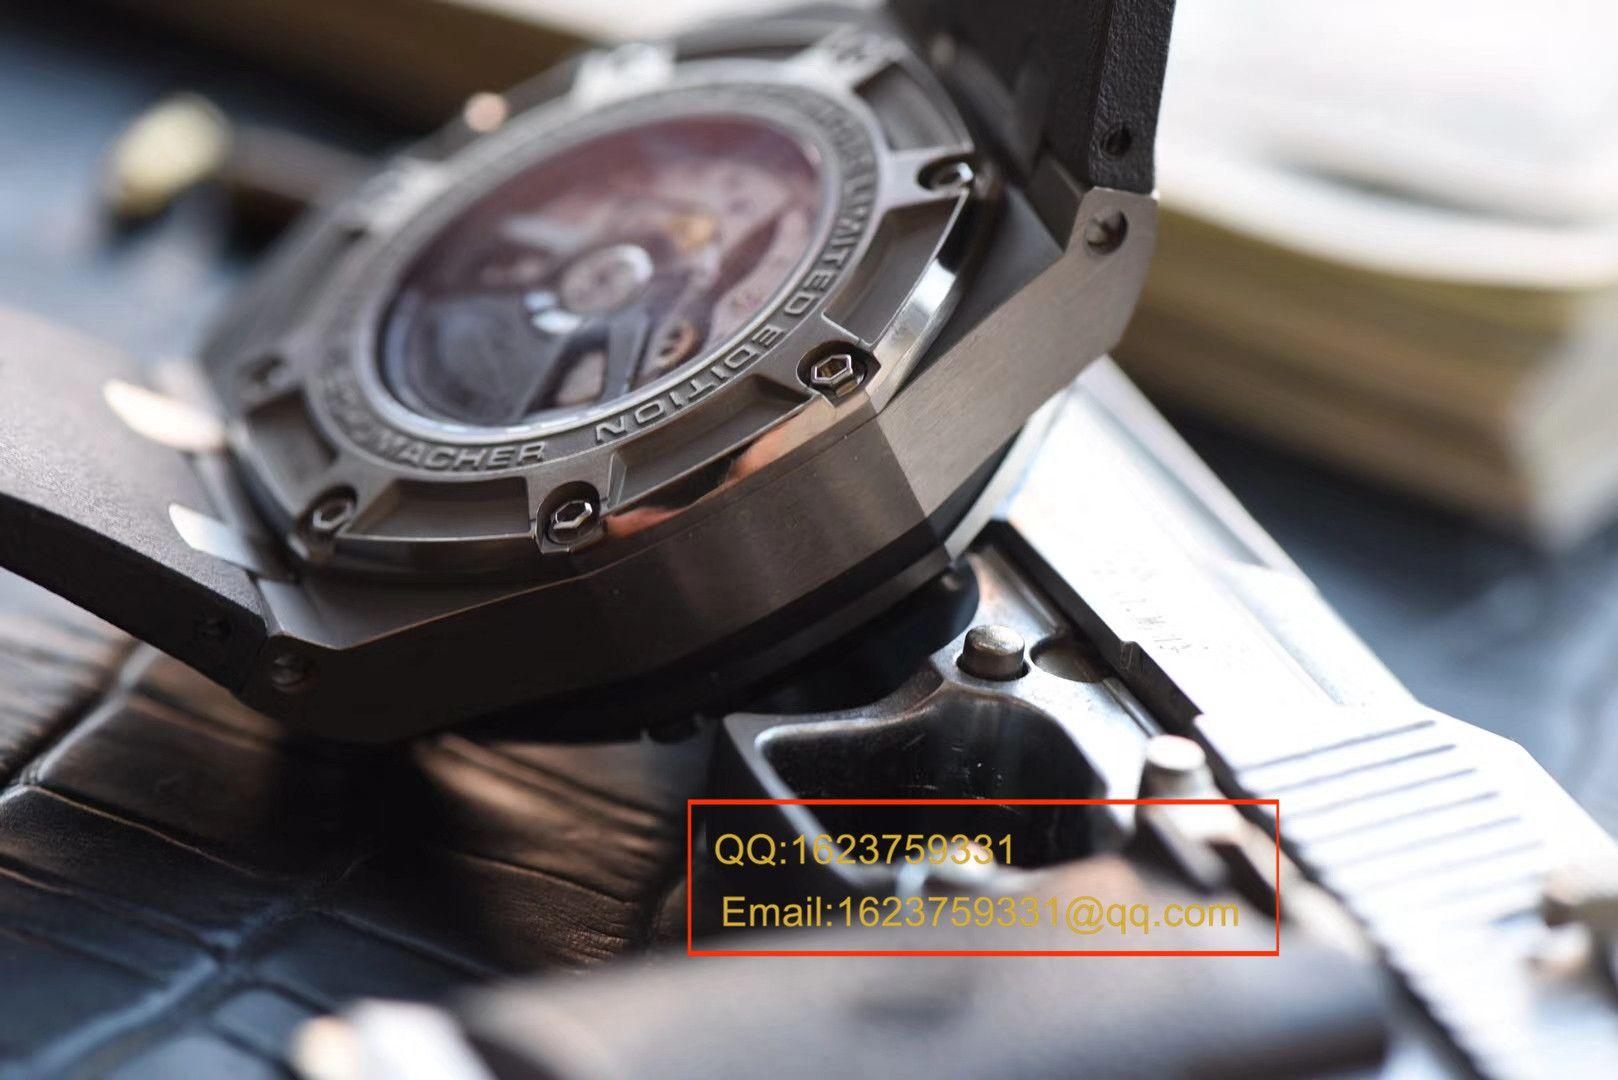 【独家视频评测JF厂1:1顶级复刻手表】爱彼舒马赫特别版本26568IM.OO.A004CA.01男表 / JFAP26568IM